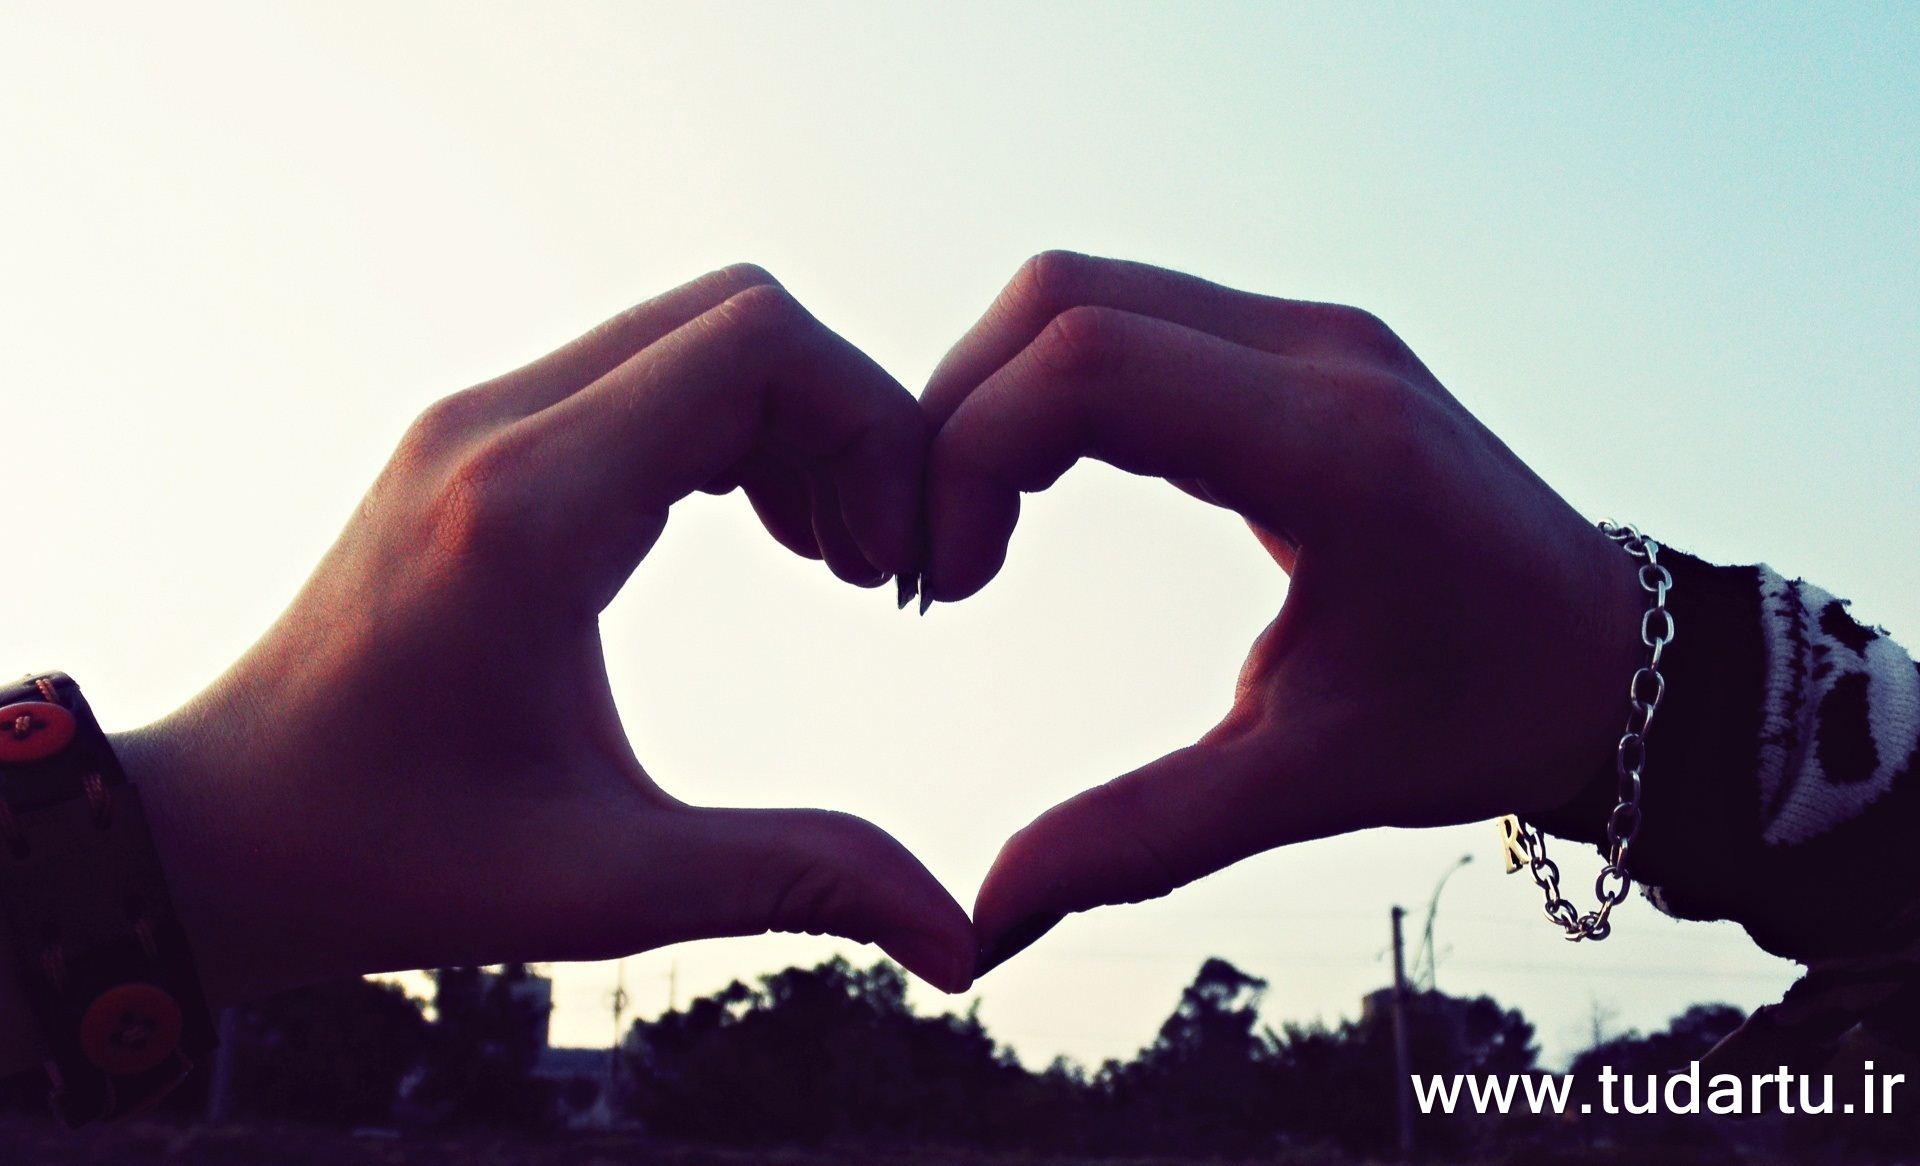 ده عکس احساسی و عاشقانه